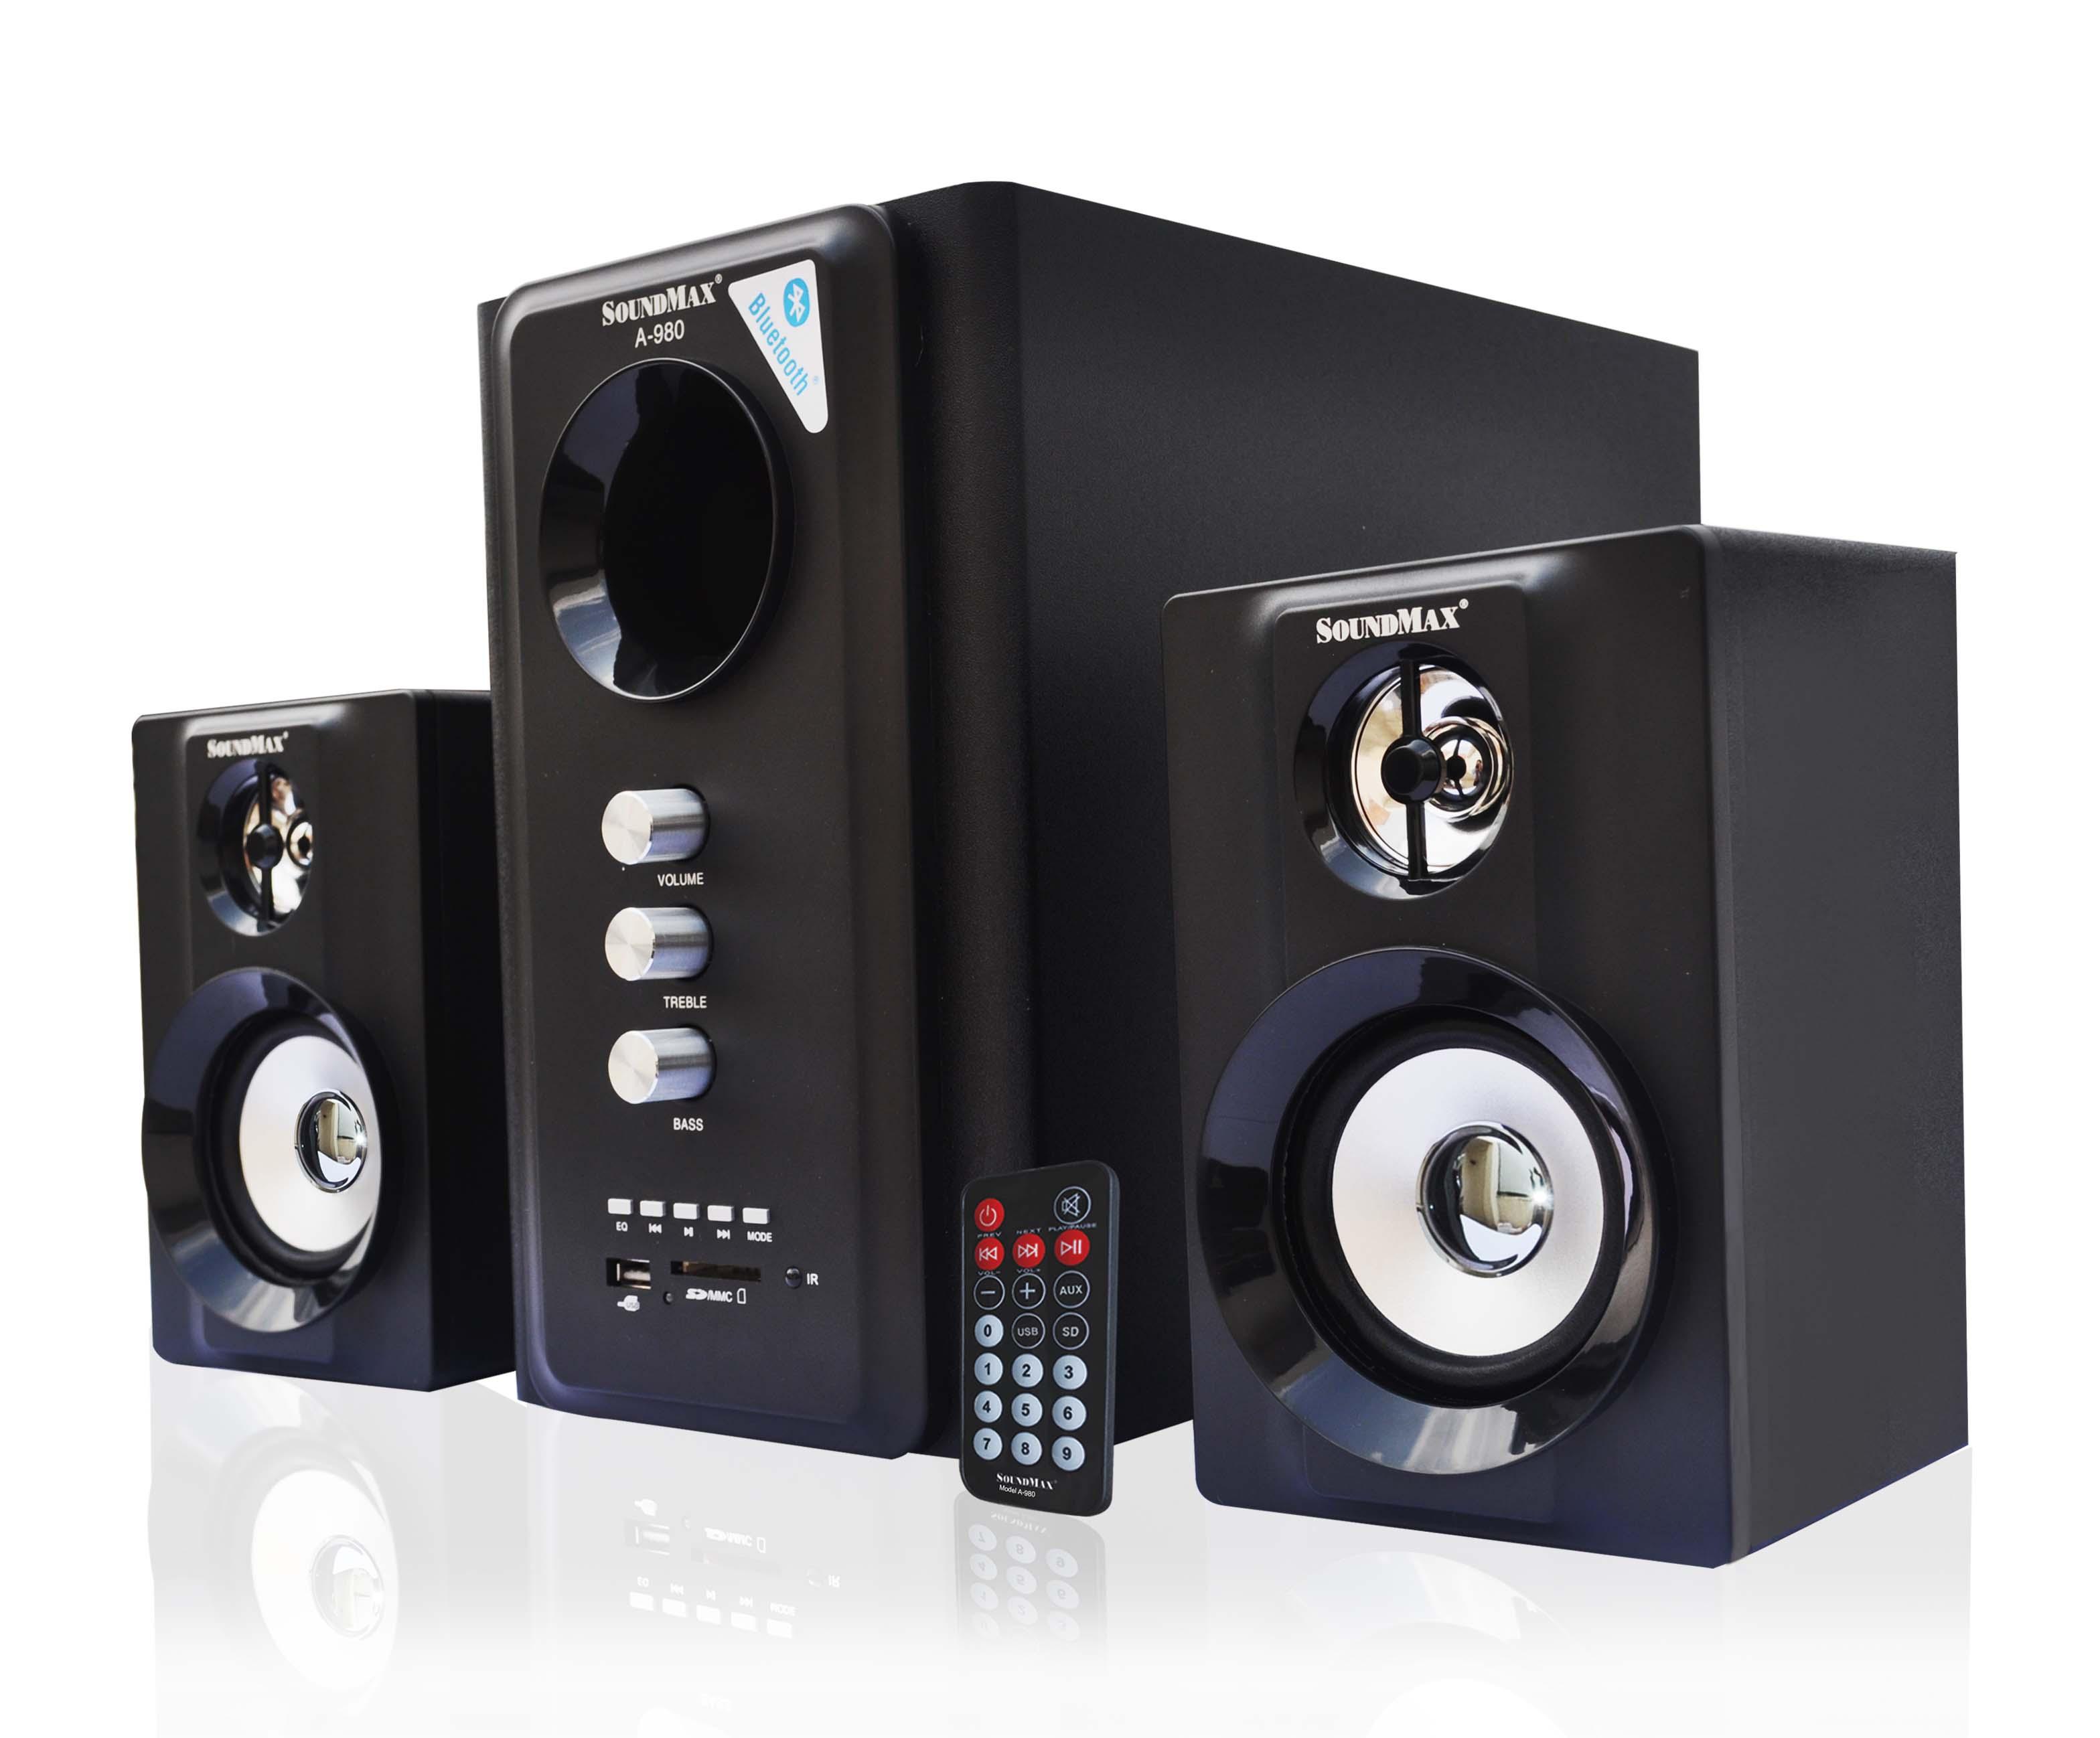 Loa SoundMax A-980 - 2.1 Bluetooth chính hãng